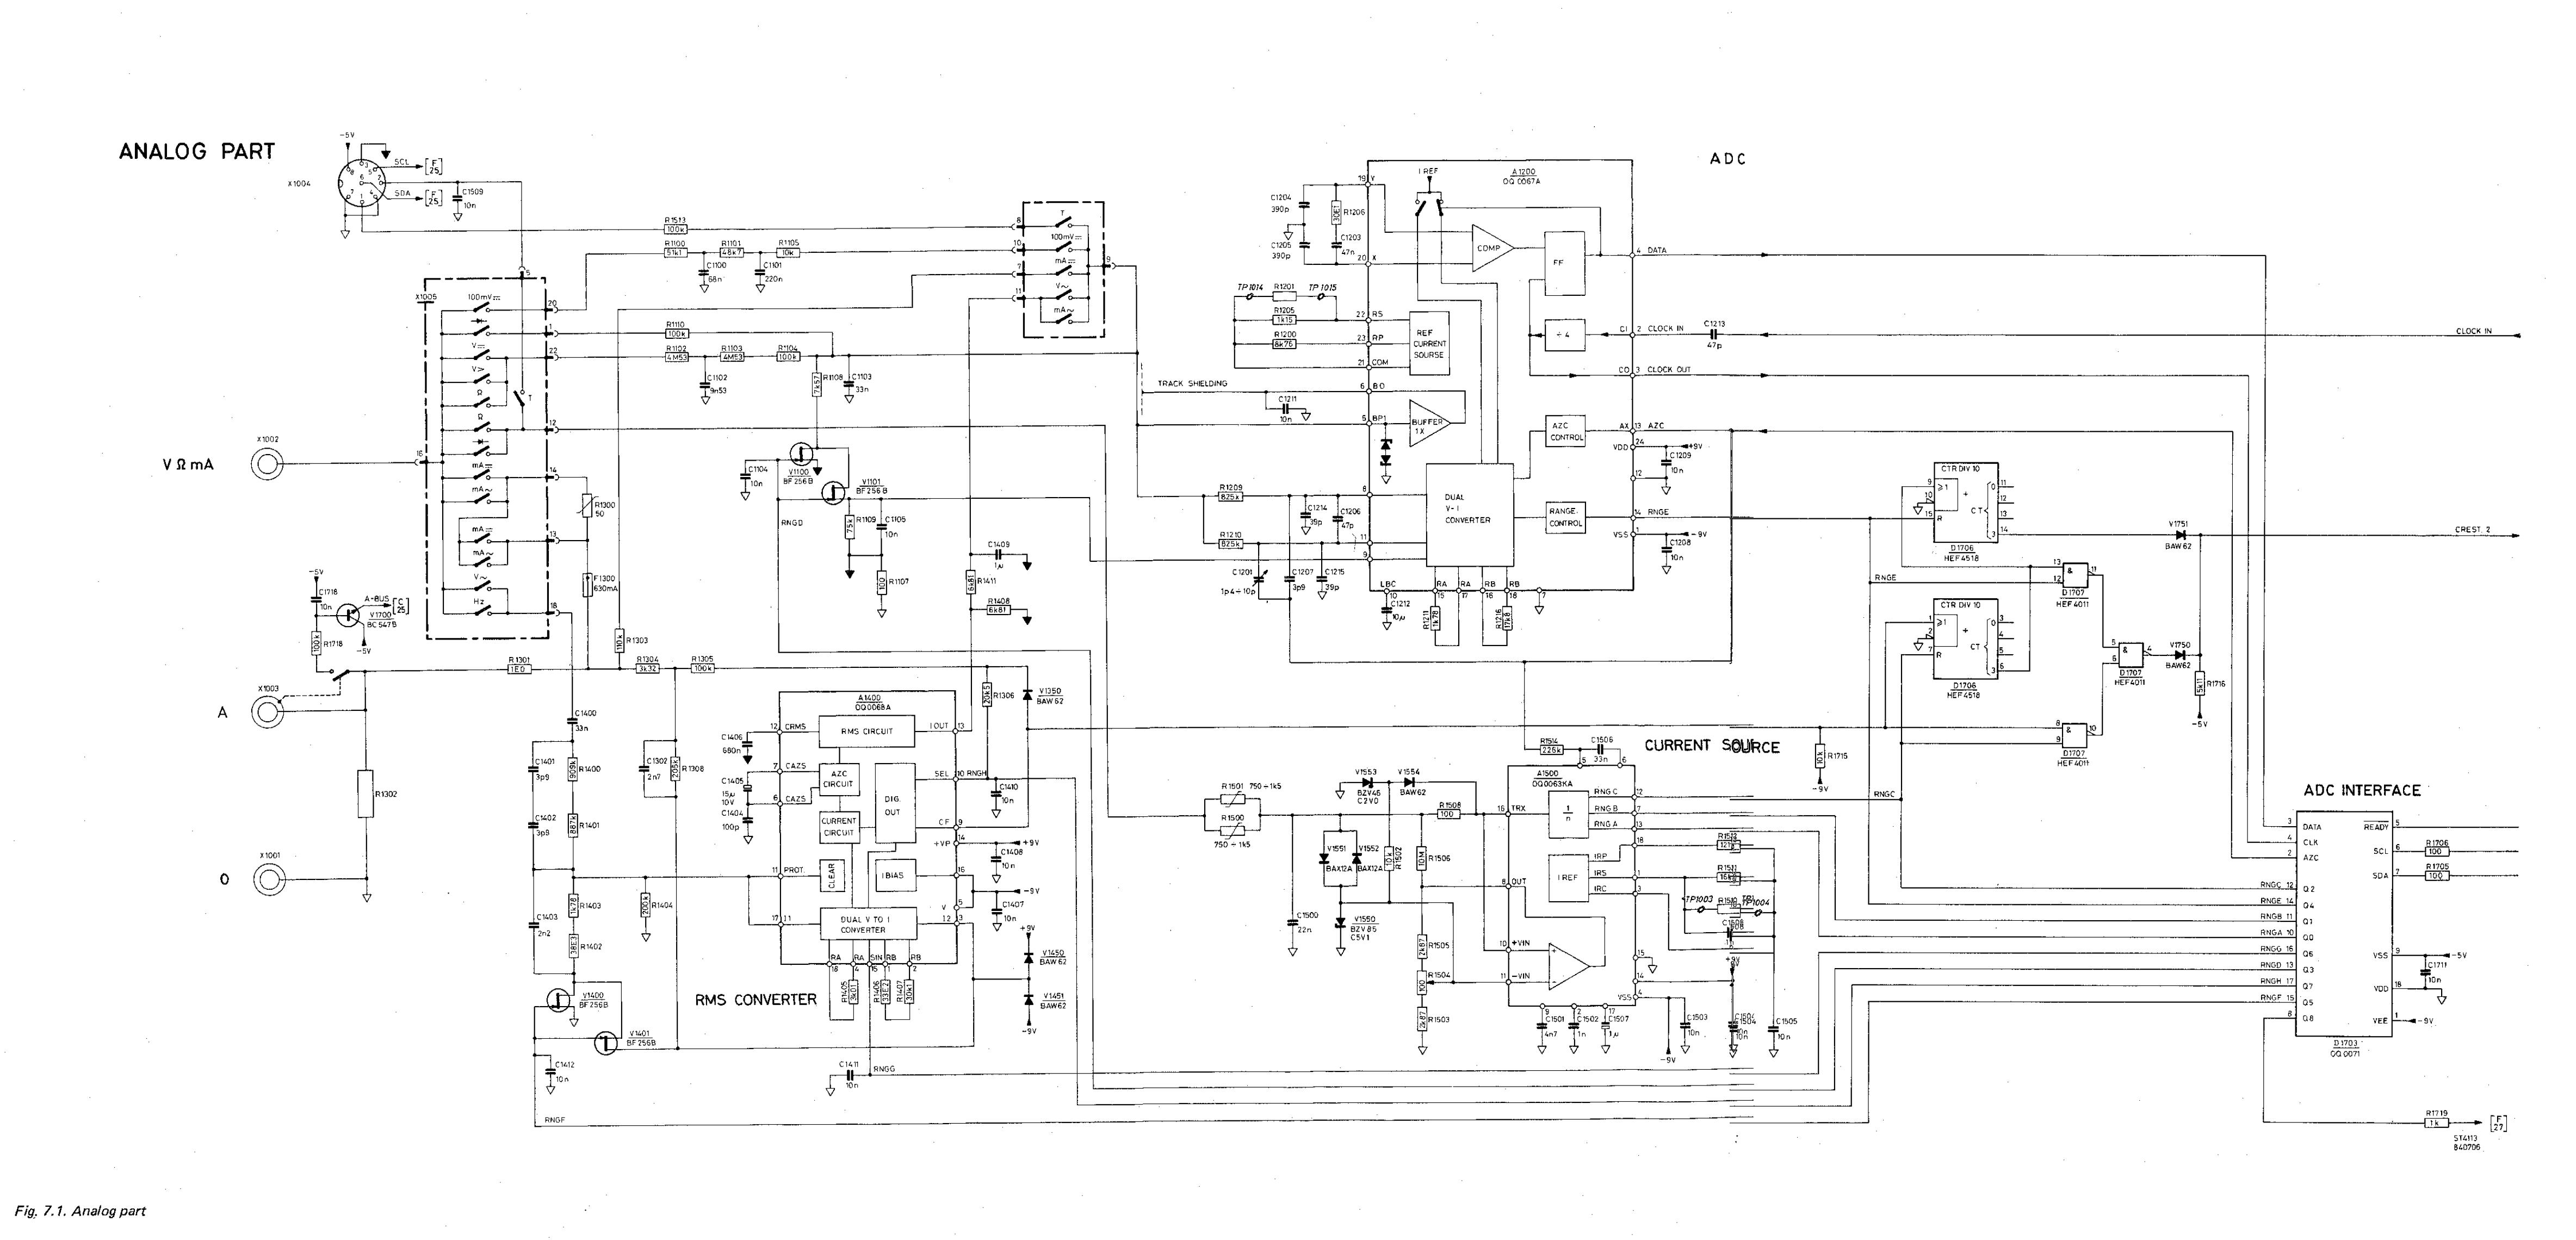 Großartig Ford 7 Wege Schaltplan Fotos - Elektrische Schaltplan ...